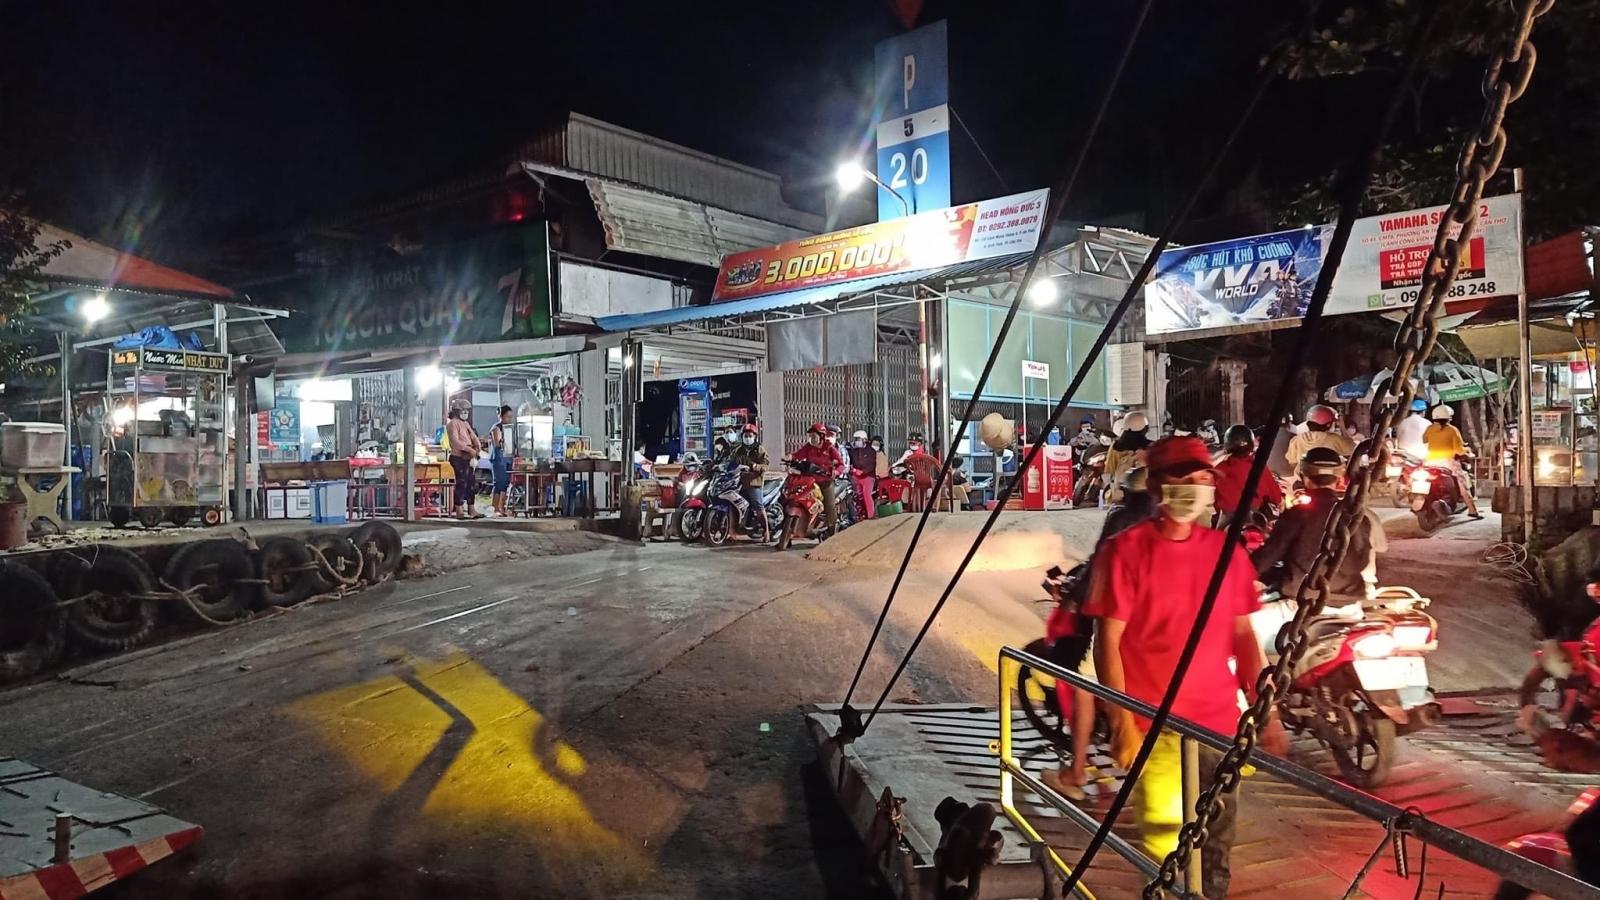 Tạm dừng vận tải hành khách các bến ngang sông liên tỉnh Cần Thơ – Vĩnh Long